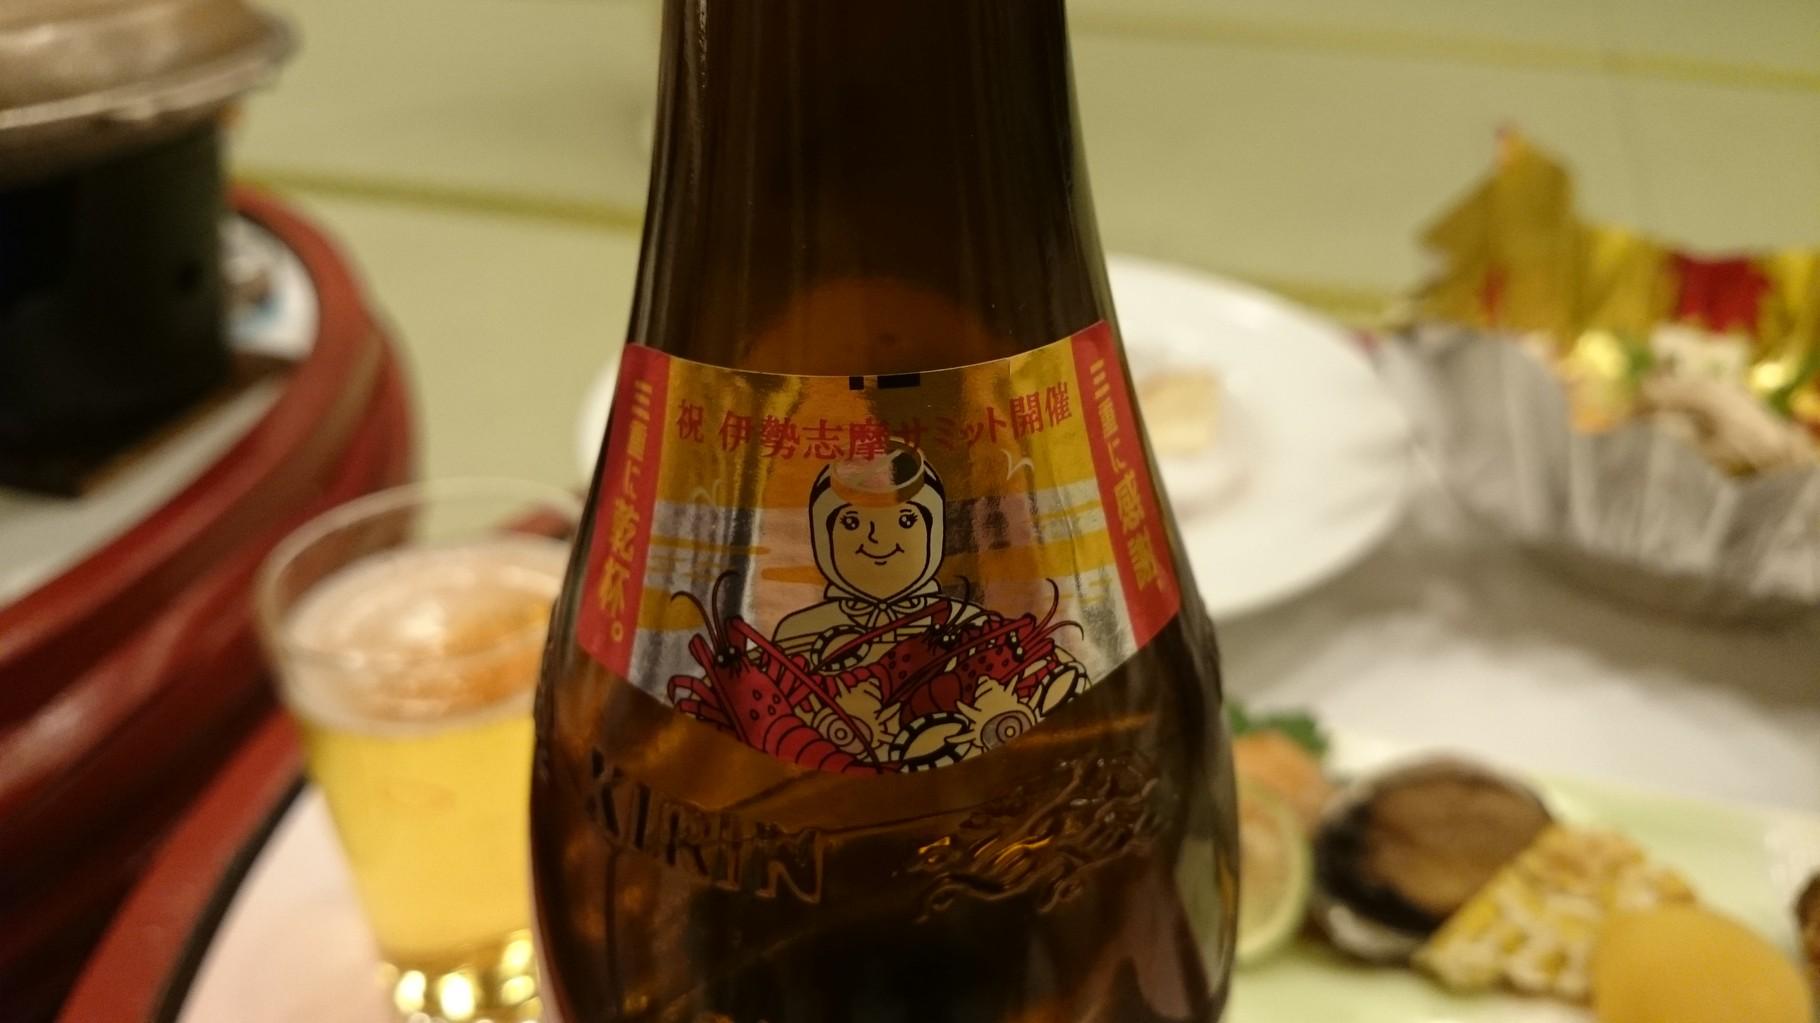 伊勢オリジナルのビールのラベルだね